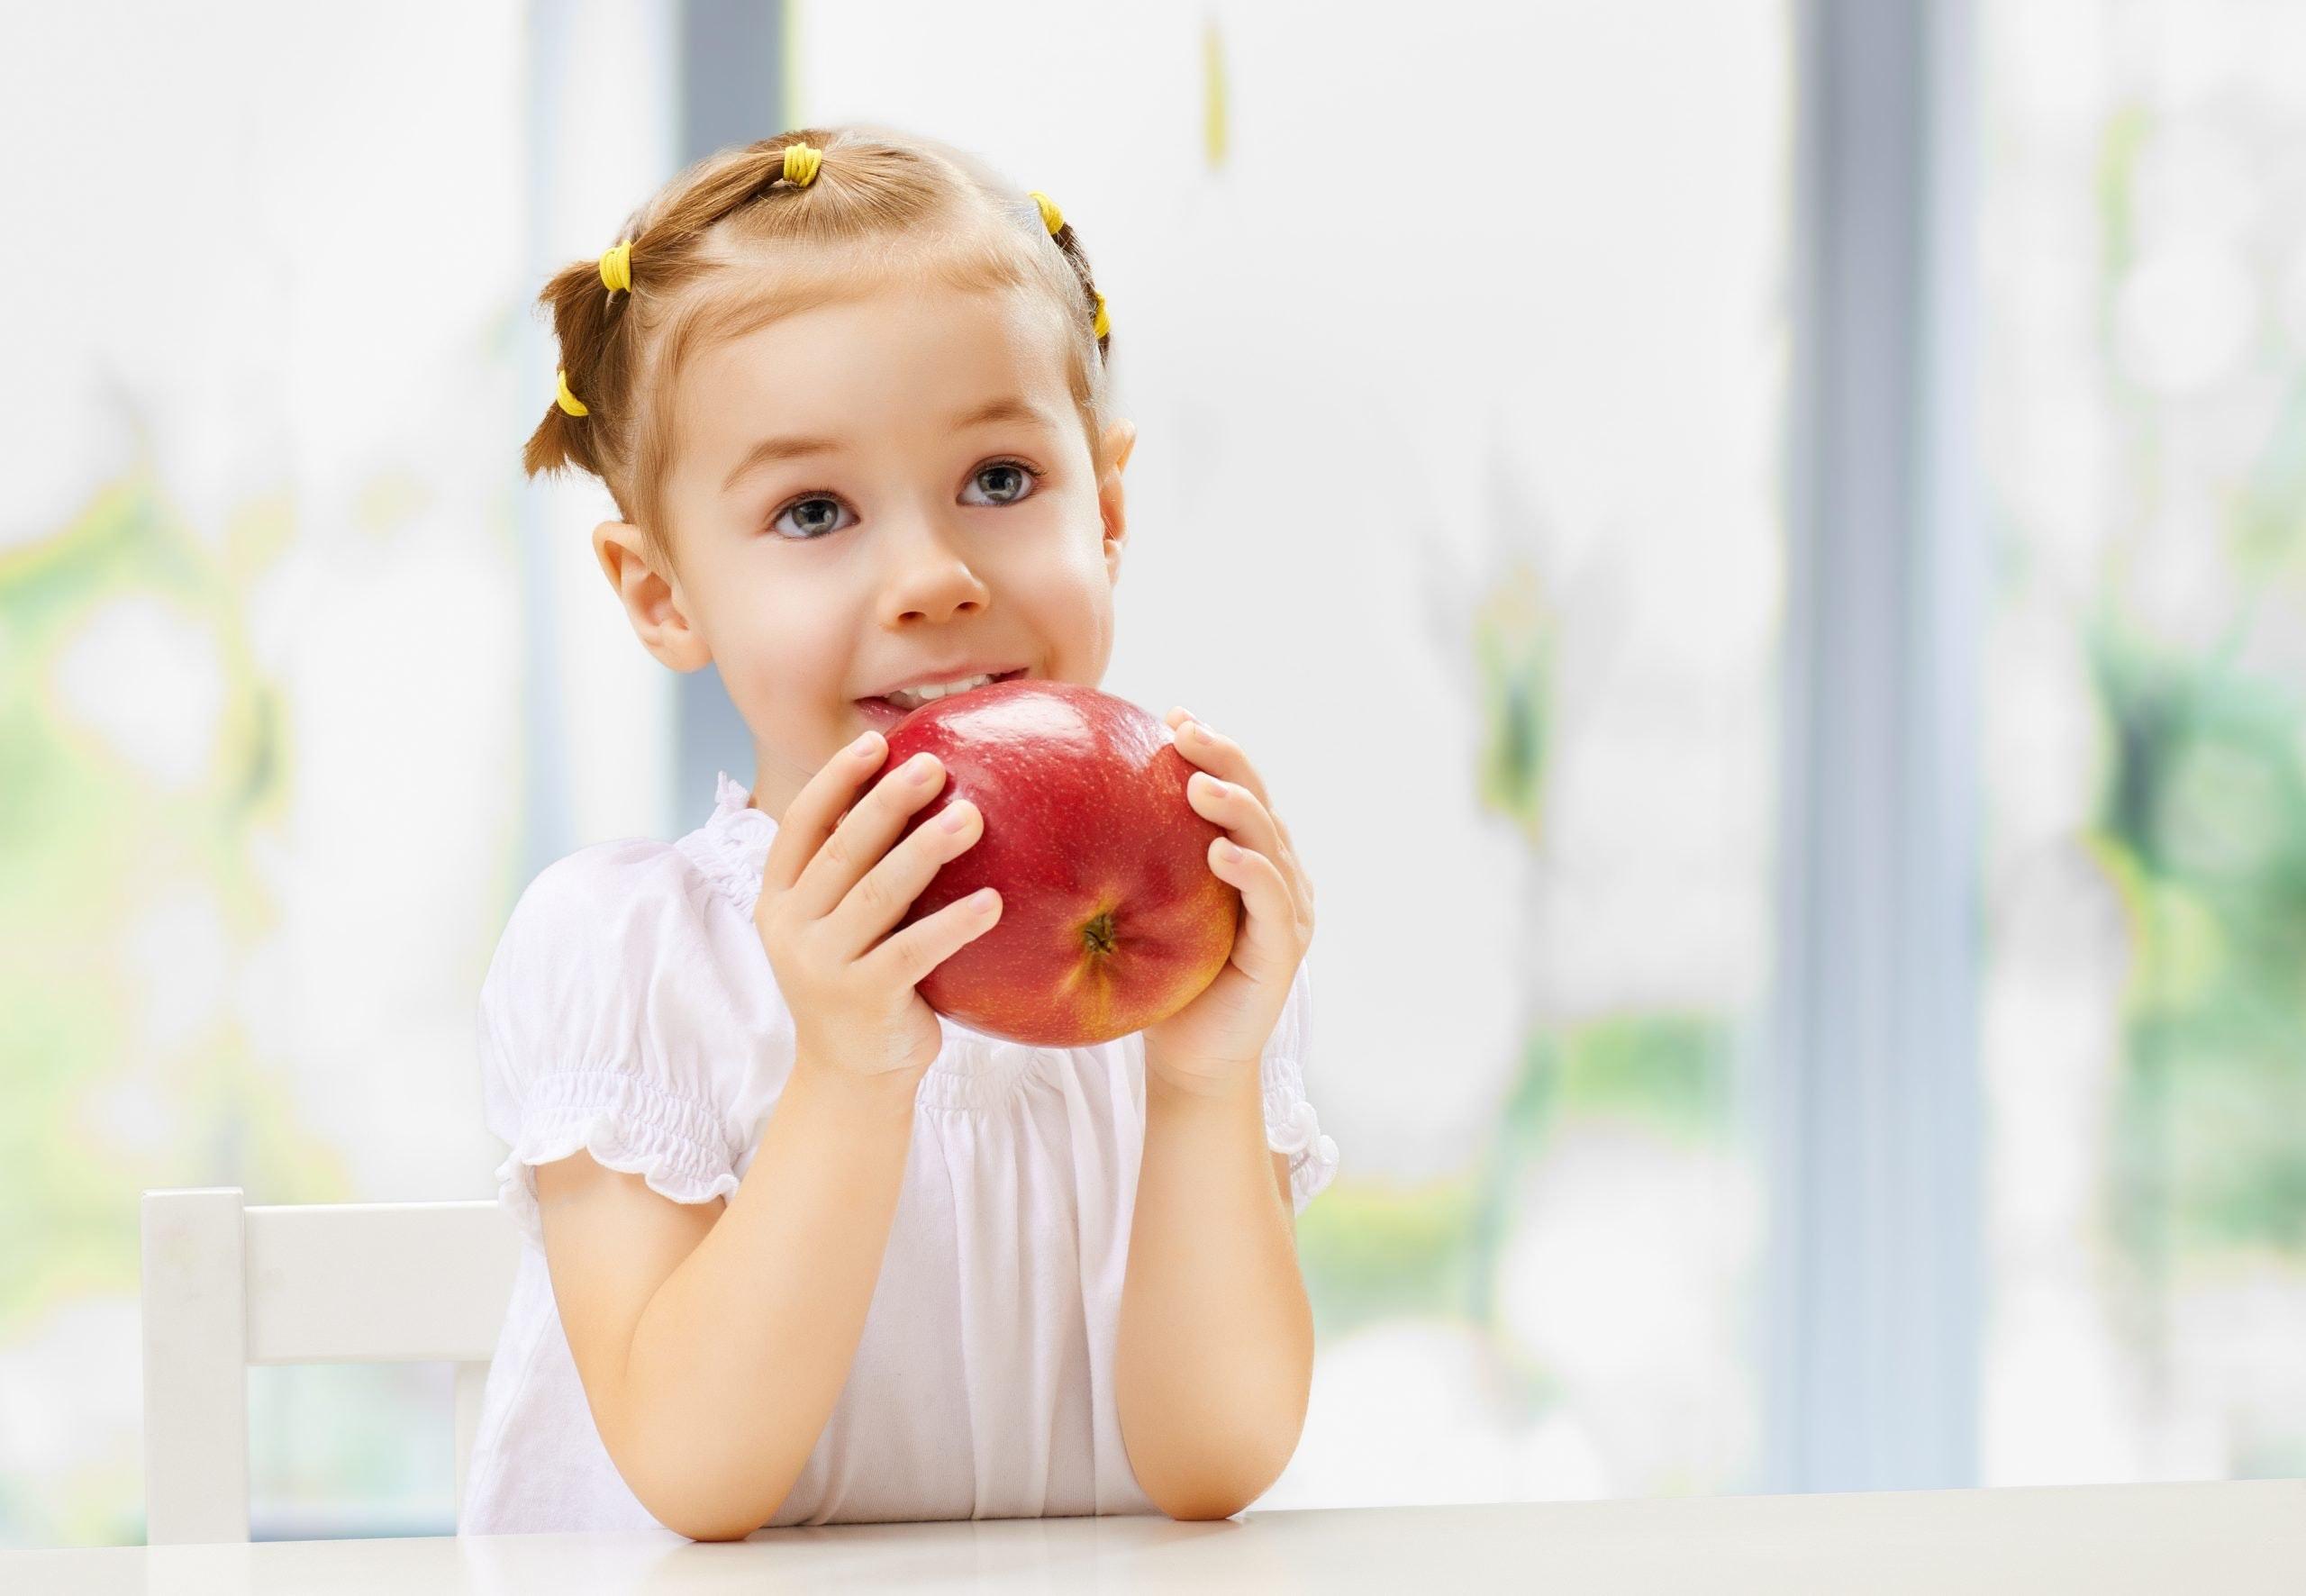 Du har sandsynligvis spist æbler forkert hele livet